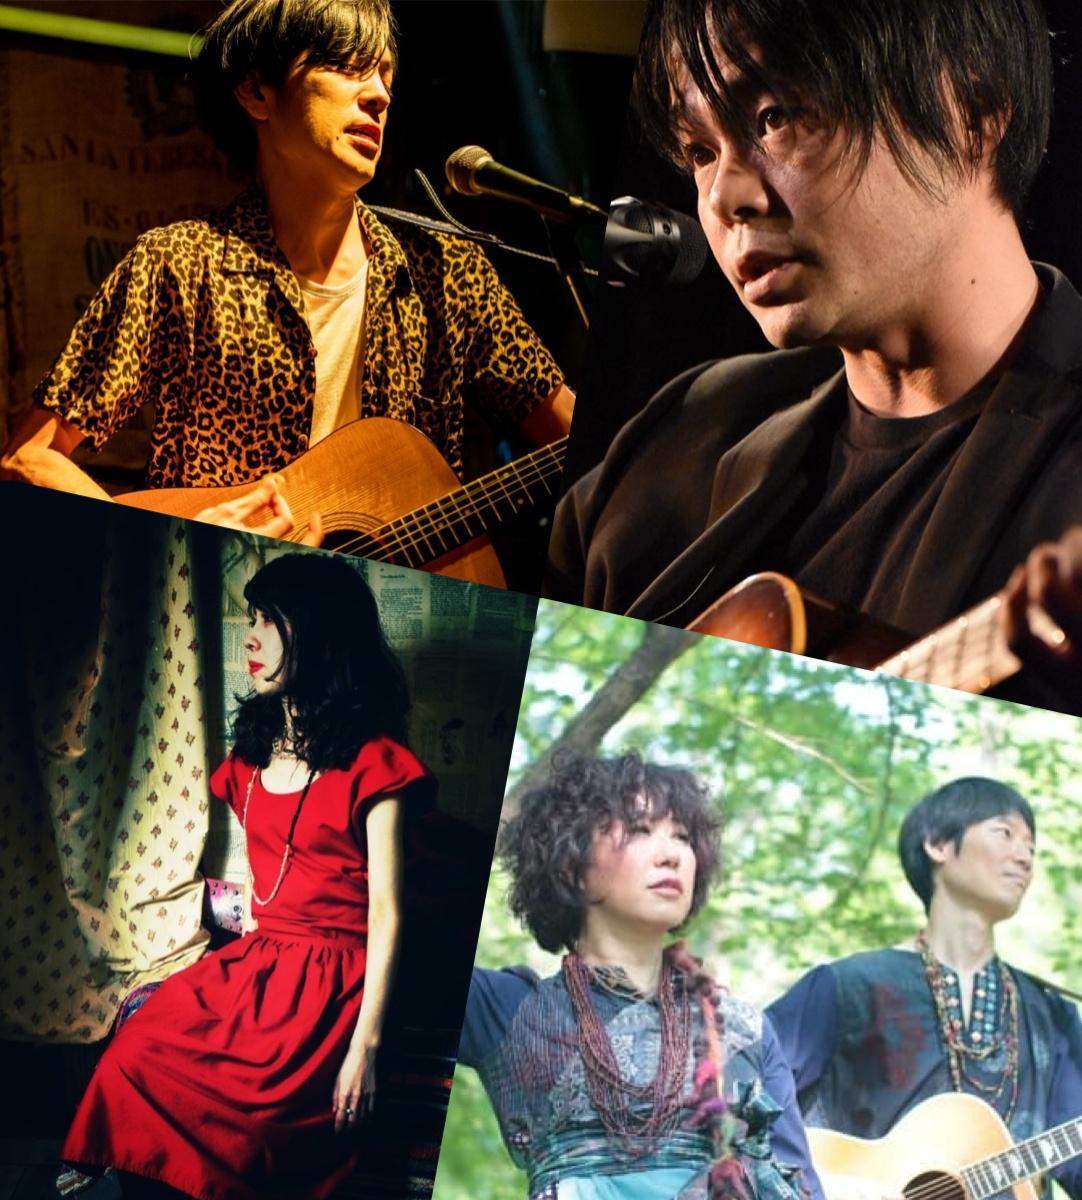 『Country Roads, Take Me Home』出演:松浦健太 / アベヒロシ / 廣瀬康子 / 青花+哲史